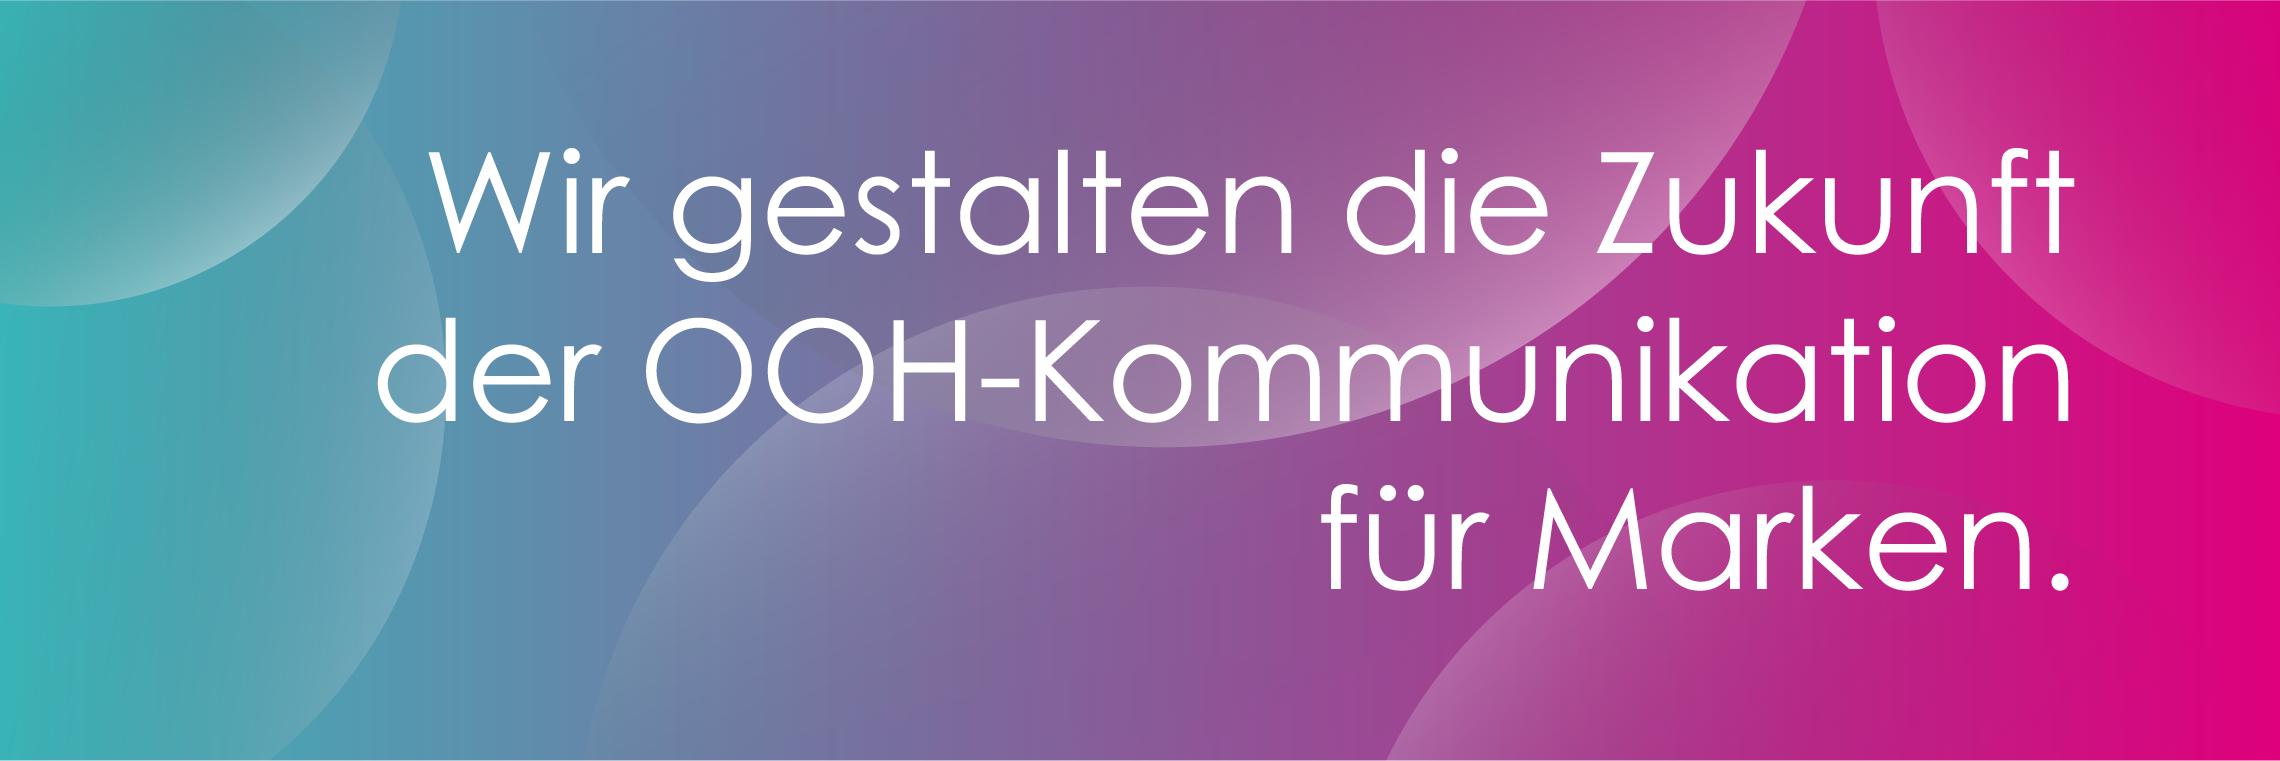 Kinetic Worldwide Germany GmbH - Wir gestalten die Zukunft der OOH-Kommunikation für Marken.